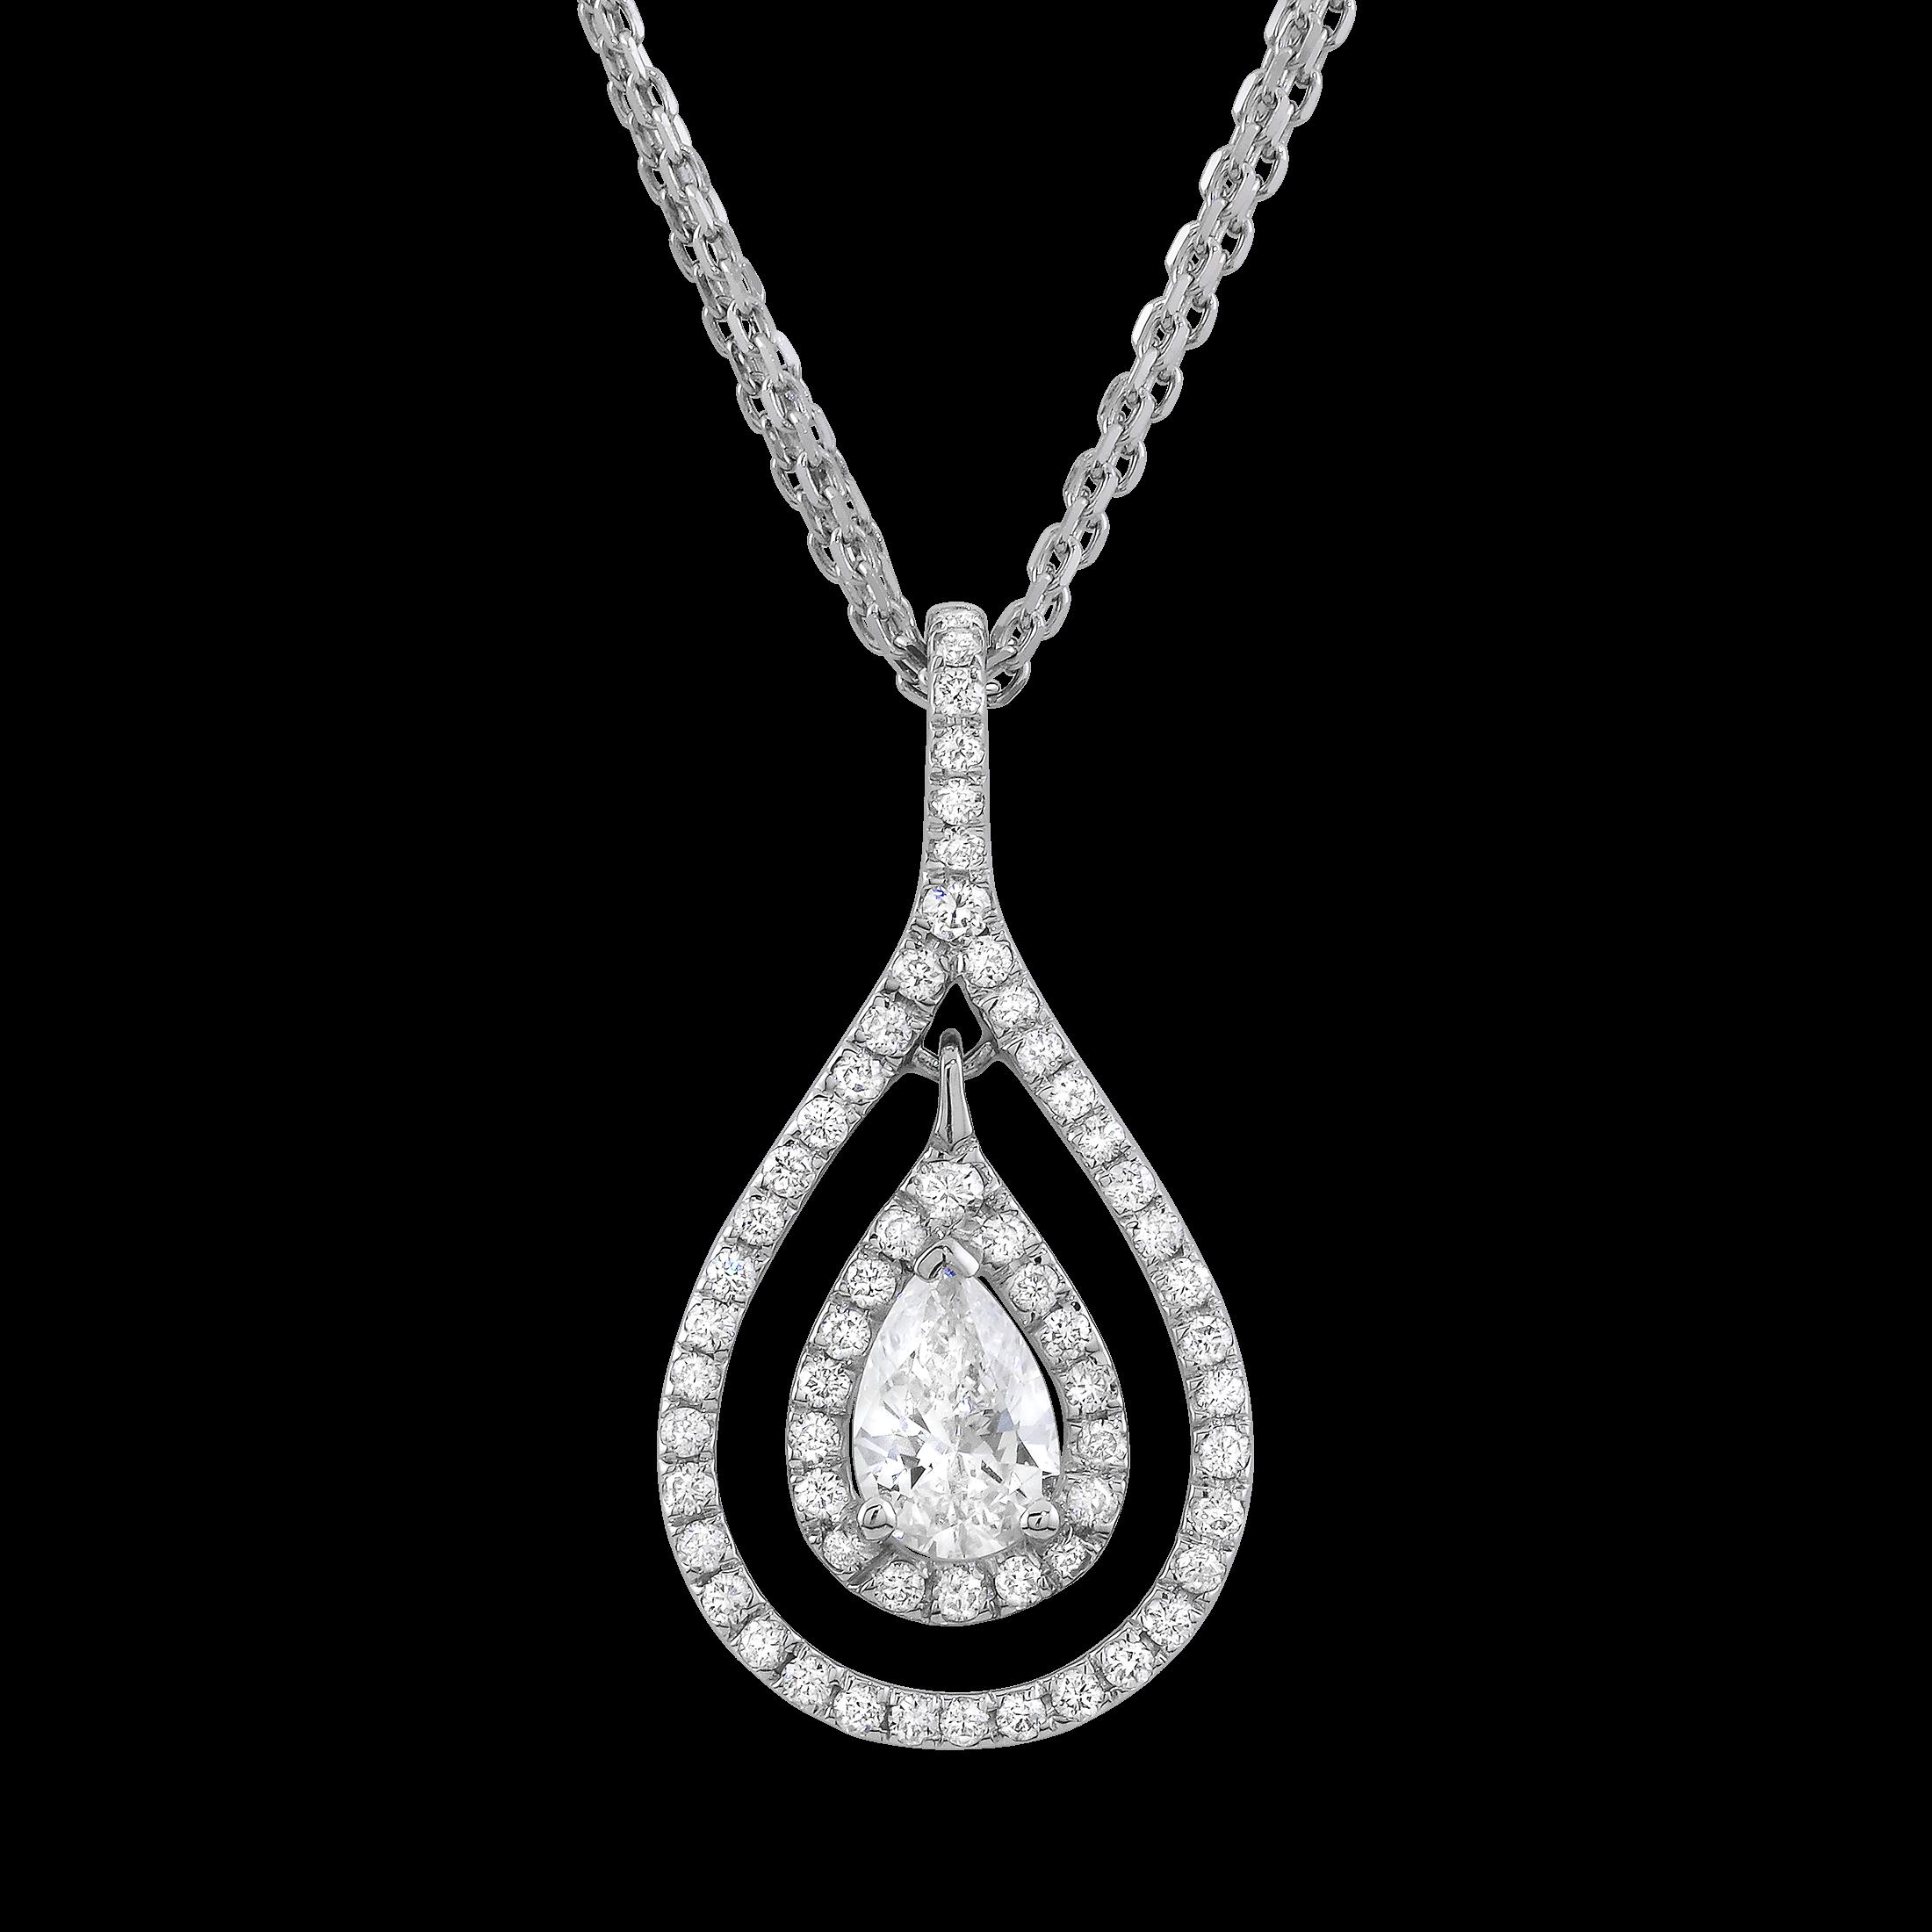 Beautiful pear cut diamond necklace.